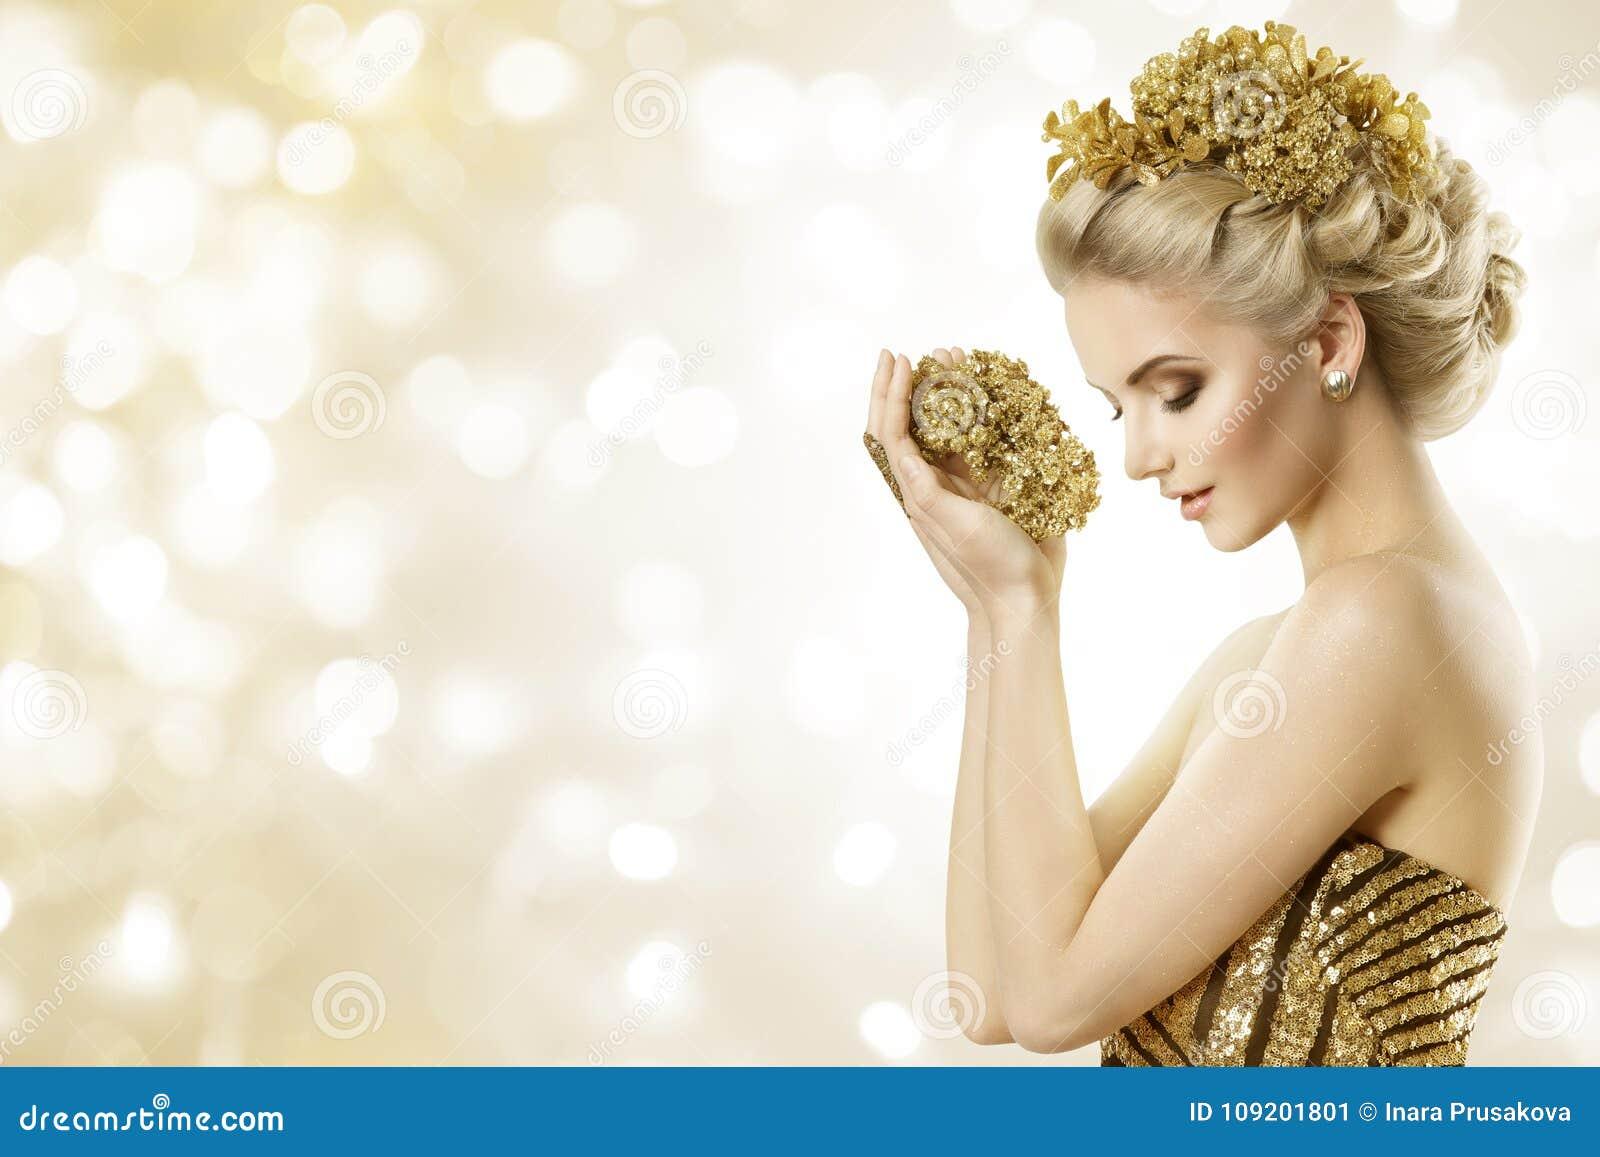 Modelo de moda Hold Gold Jewelry en manos, peinado de la belleza de la mujer